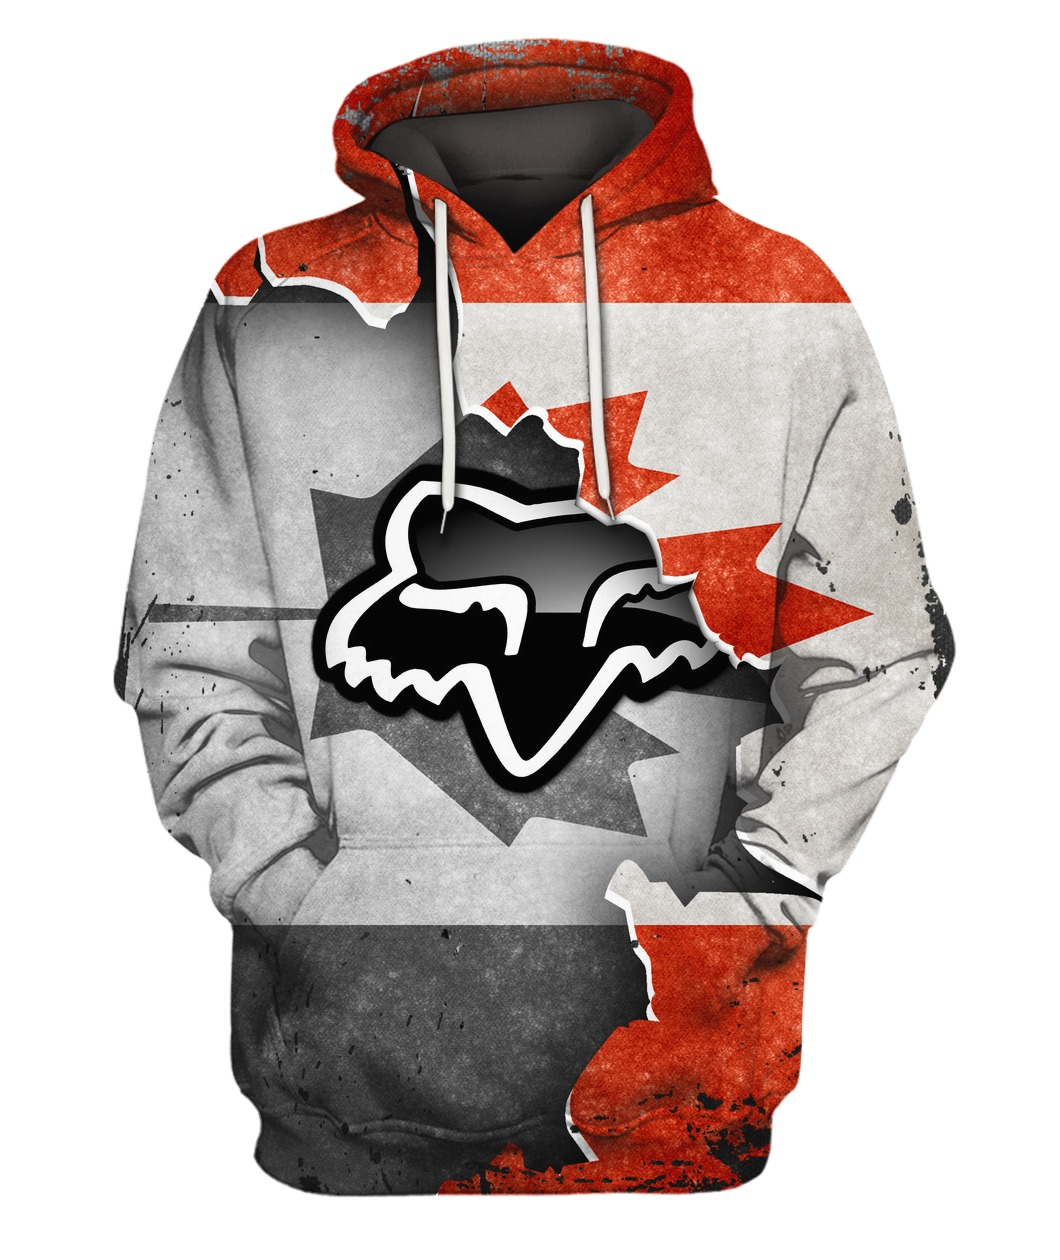 Fox racing in canada flag full printing hoodie 1